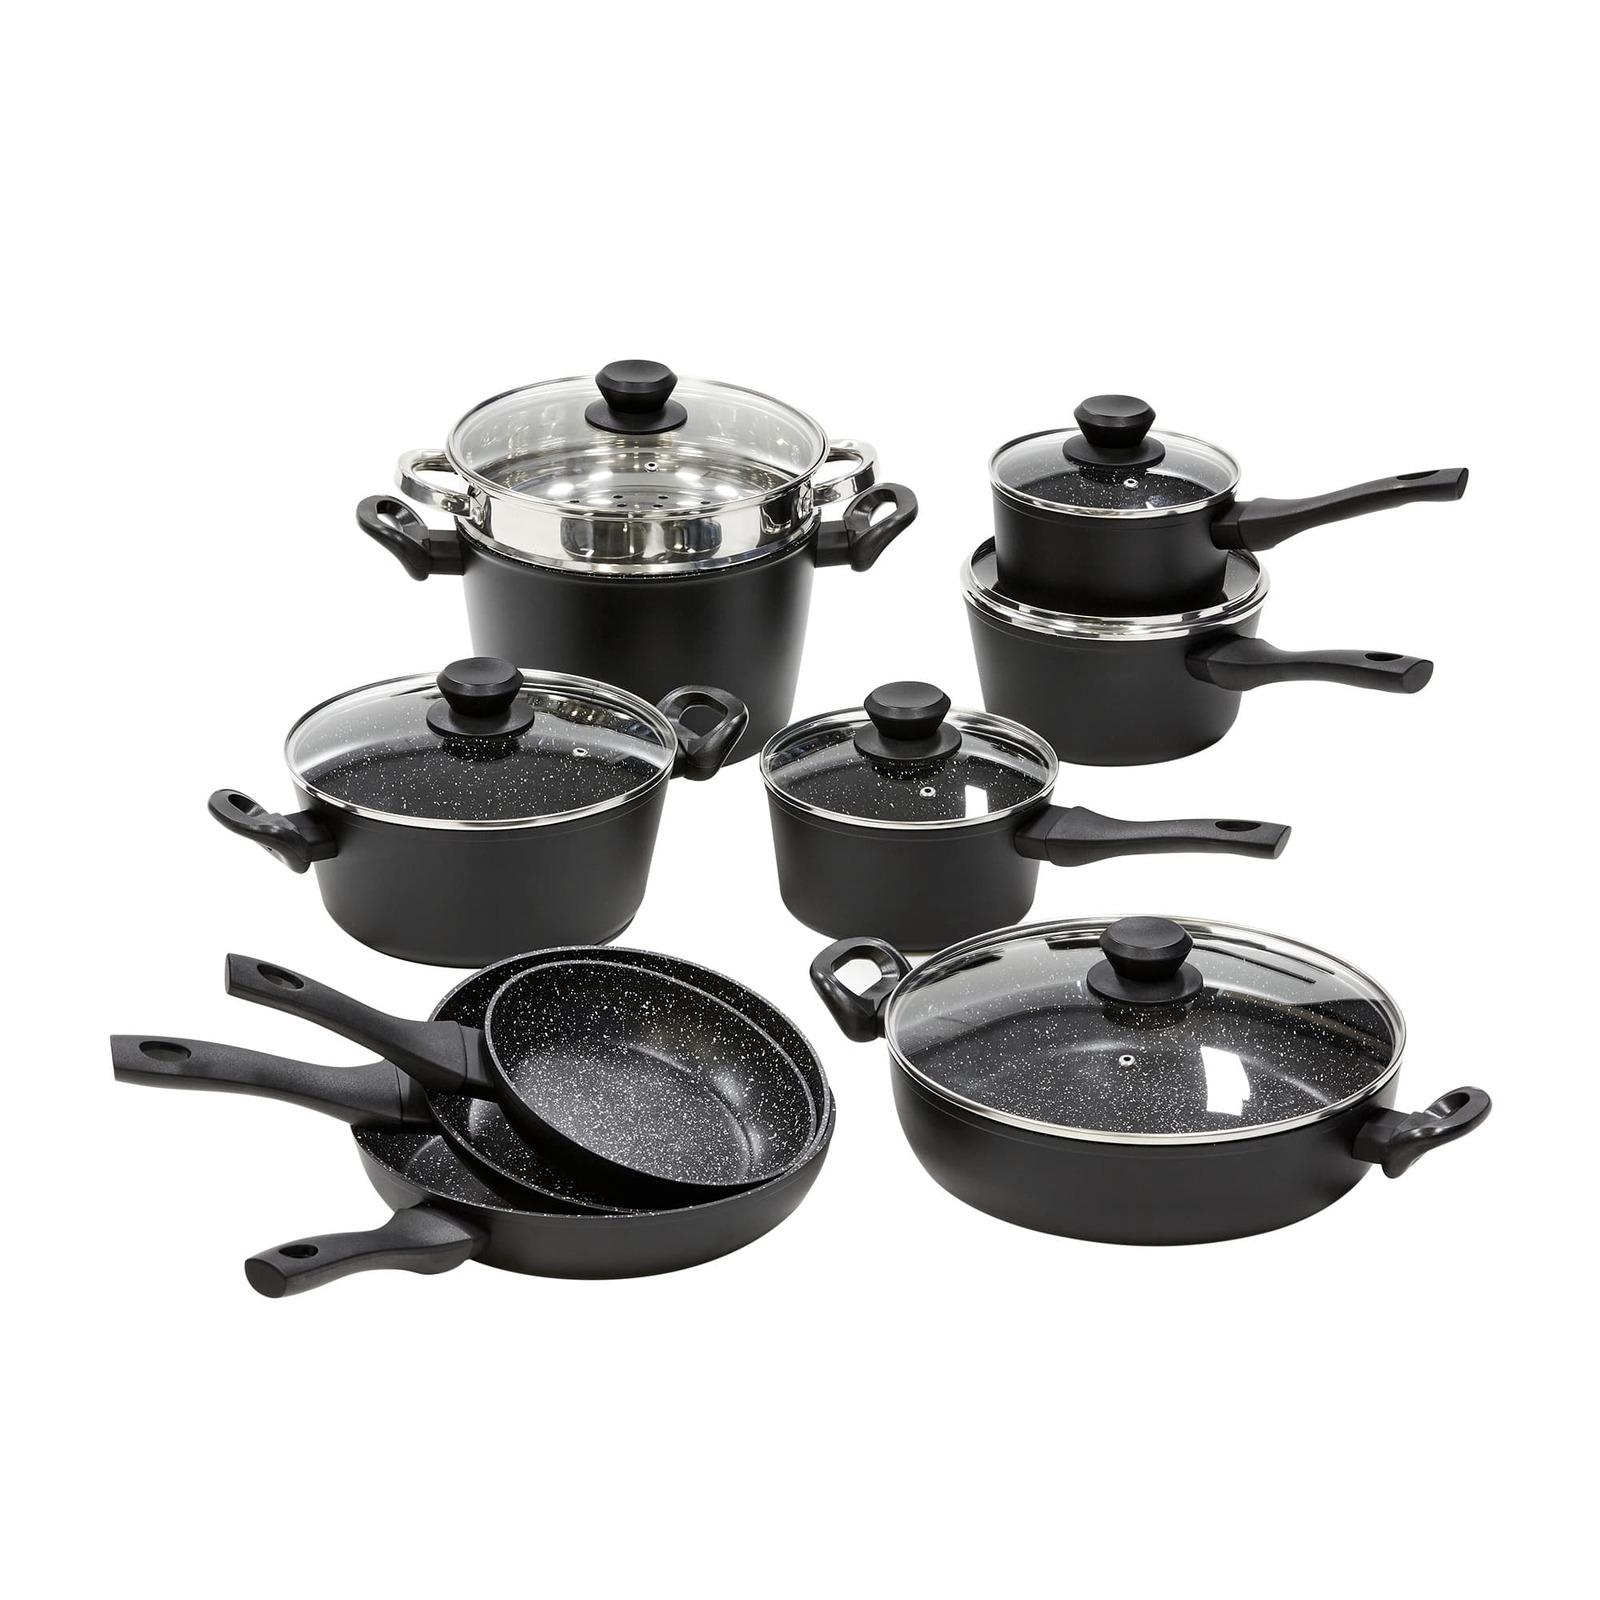 Wolstead Stonetek 10pc Cookware Set